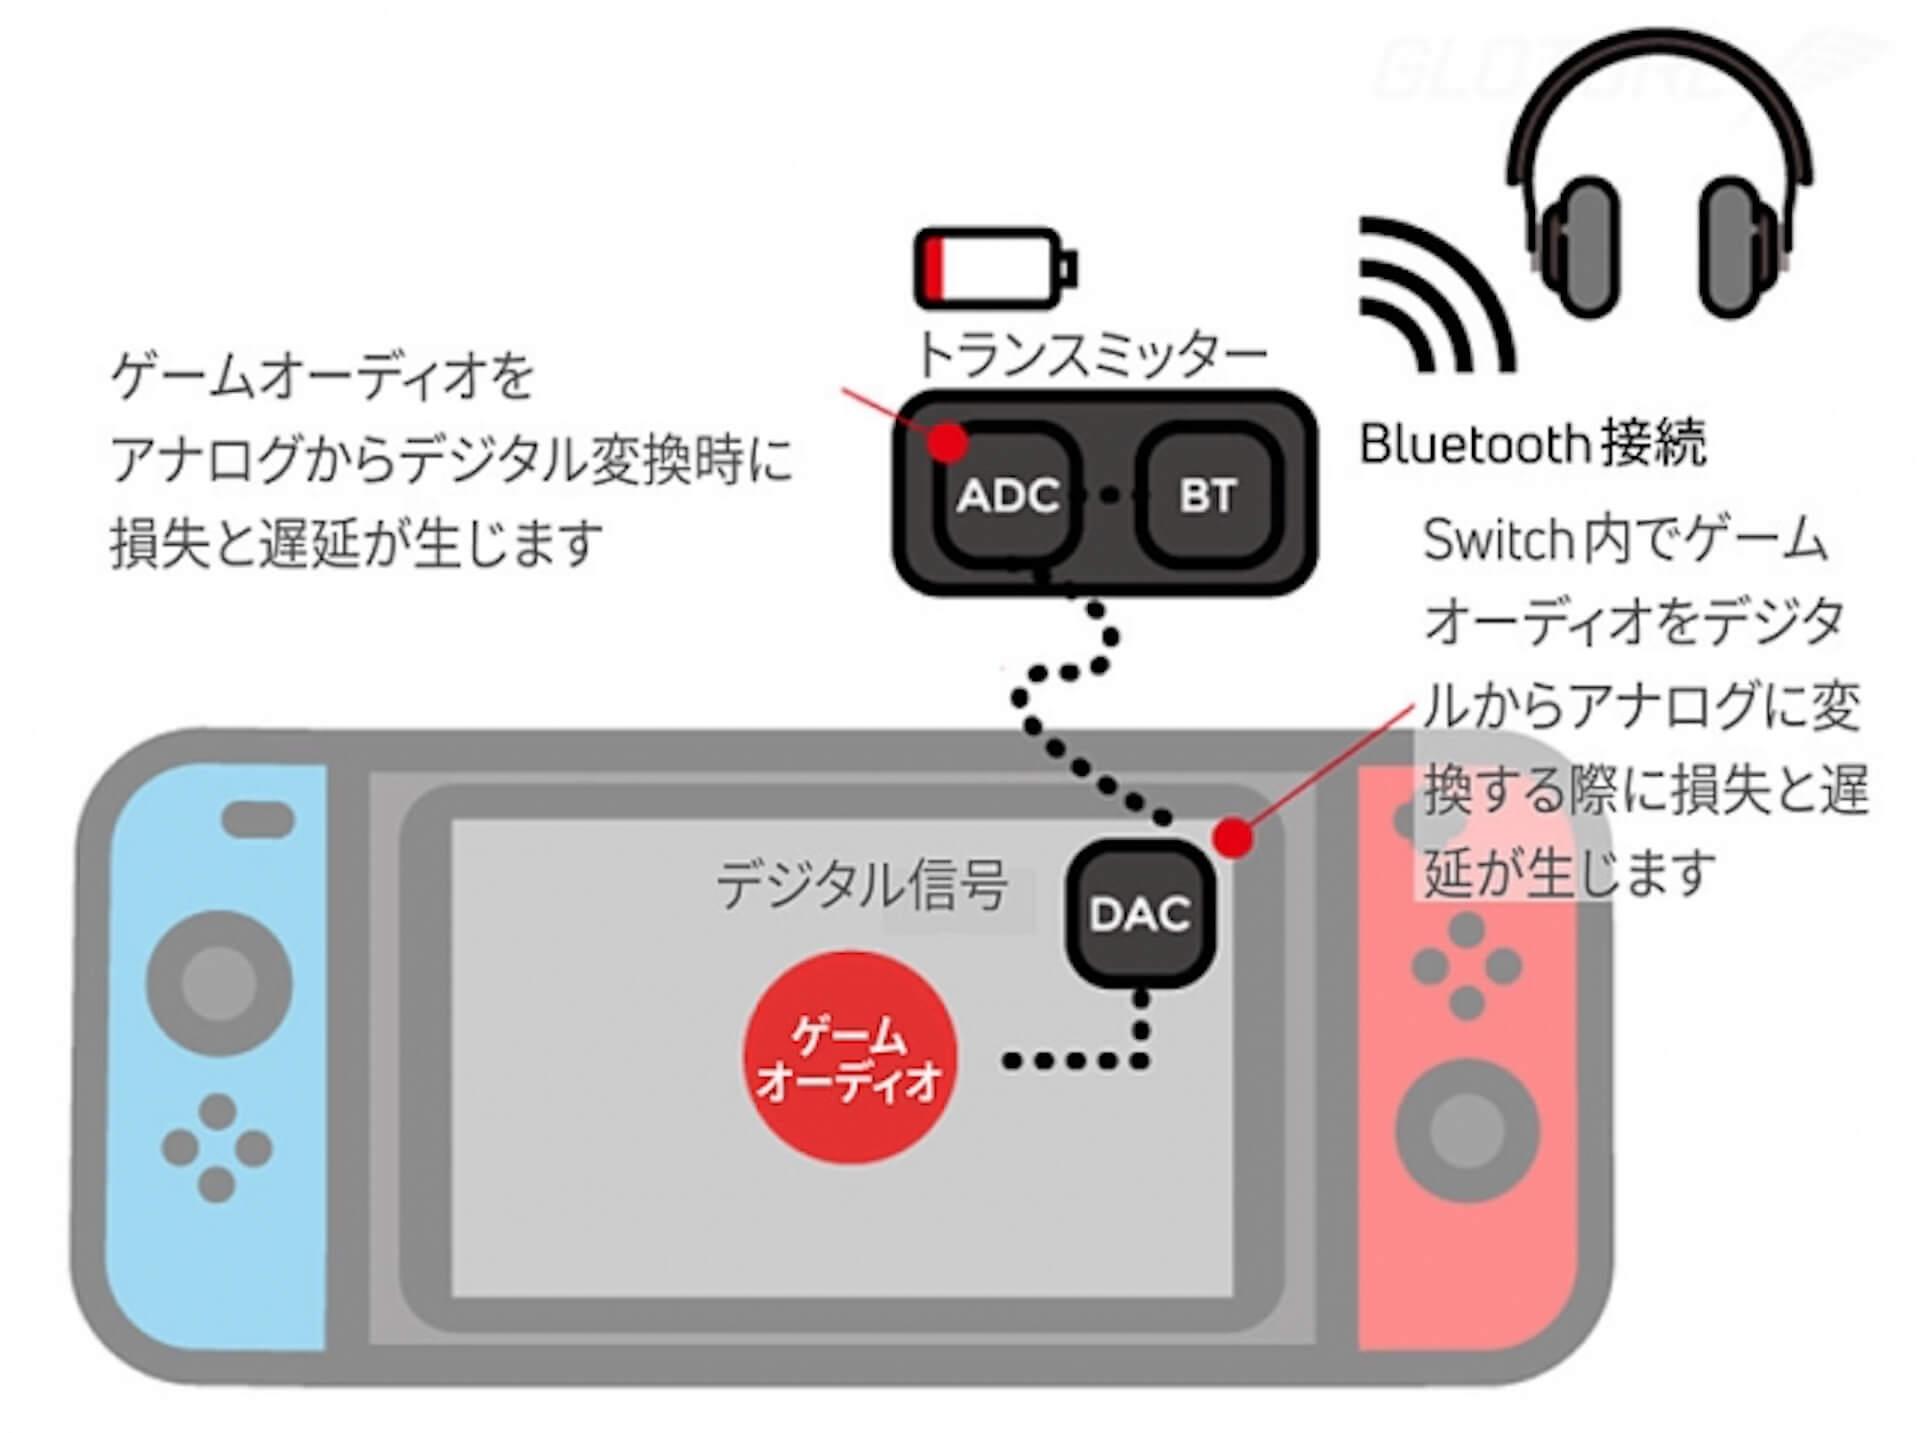 Nintendo Switchをワイヤレスイヤホン/スピーカーで楽しもう!Bluetooth対応アダプタ「Genki」がGlotureで発売中 tech200414_nintendoswitch_3